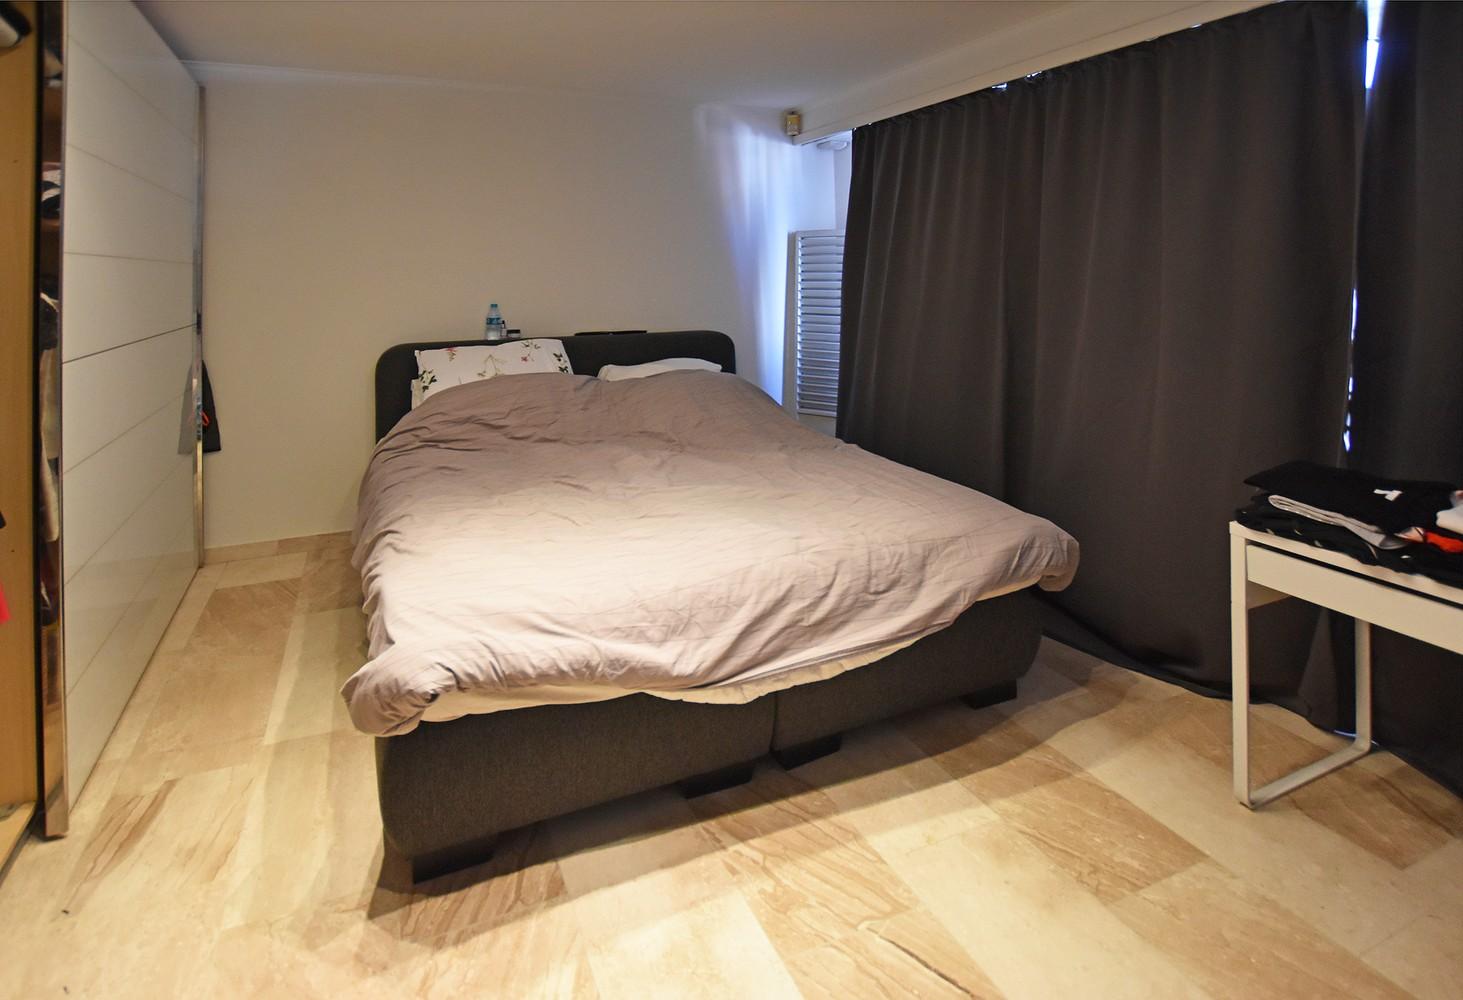 Woning/duplex-appartement met drie slaapkamers en een riant terras. afbeelding 8